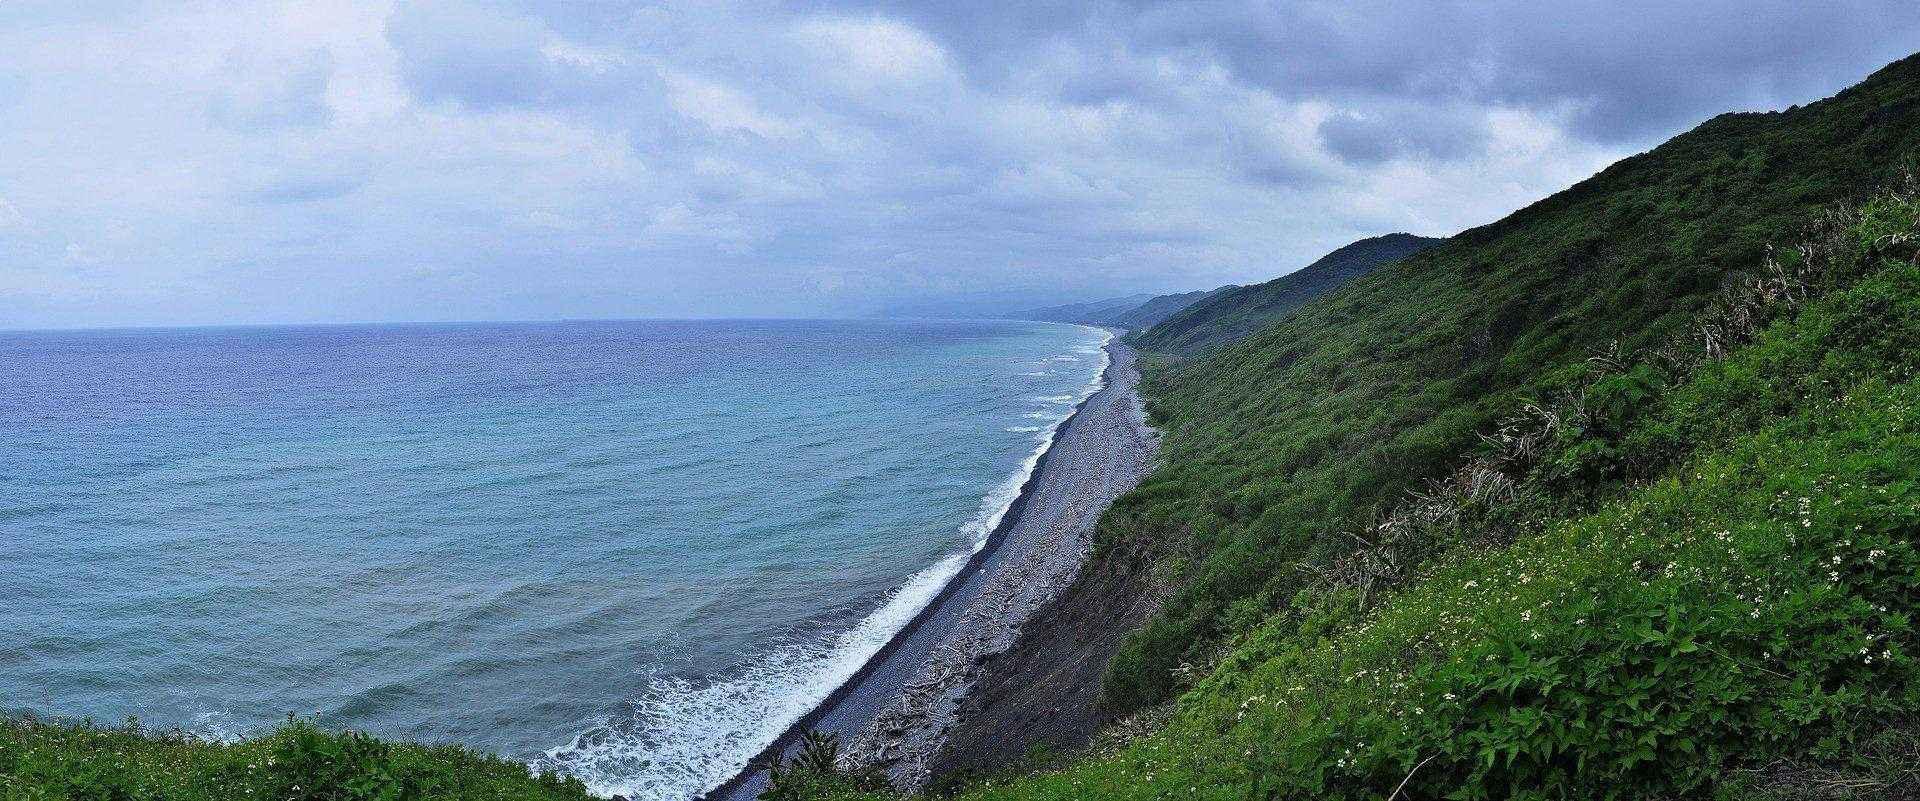 горы, море, океан, вода, природа, пейзаж, граница, небо, облака